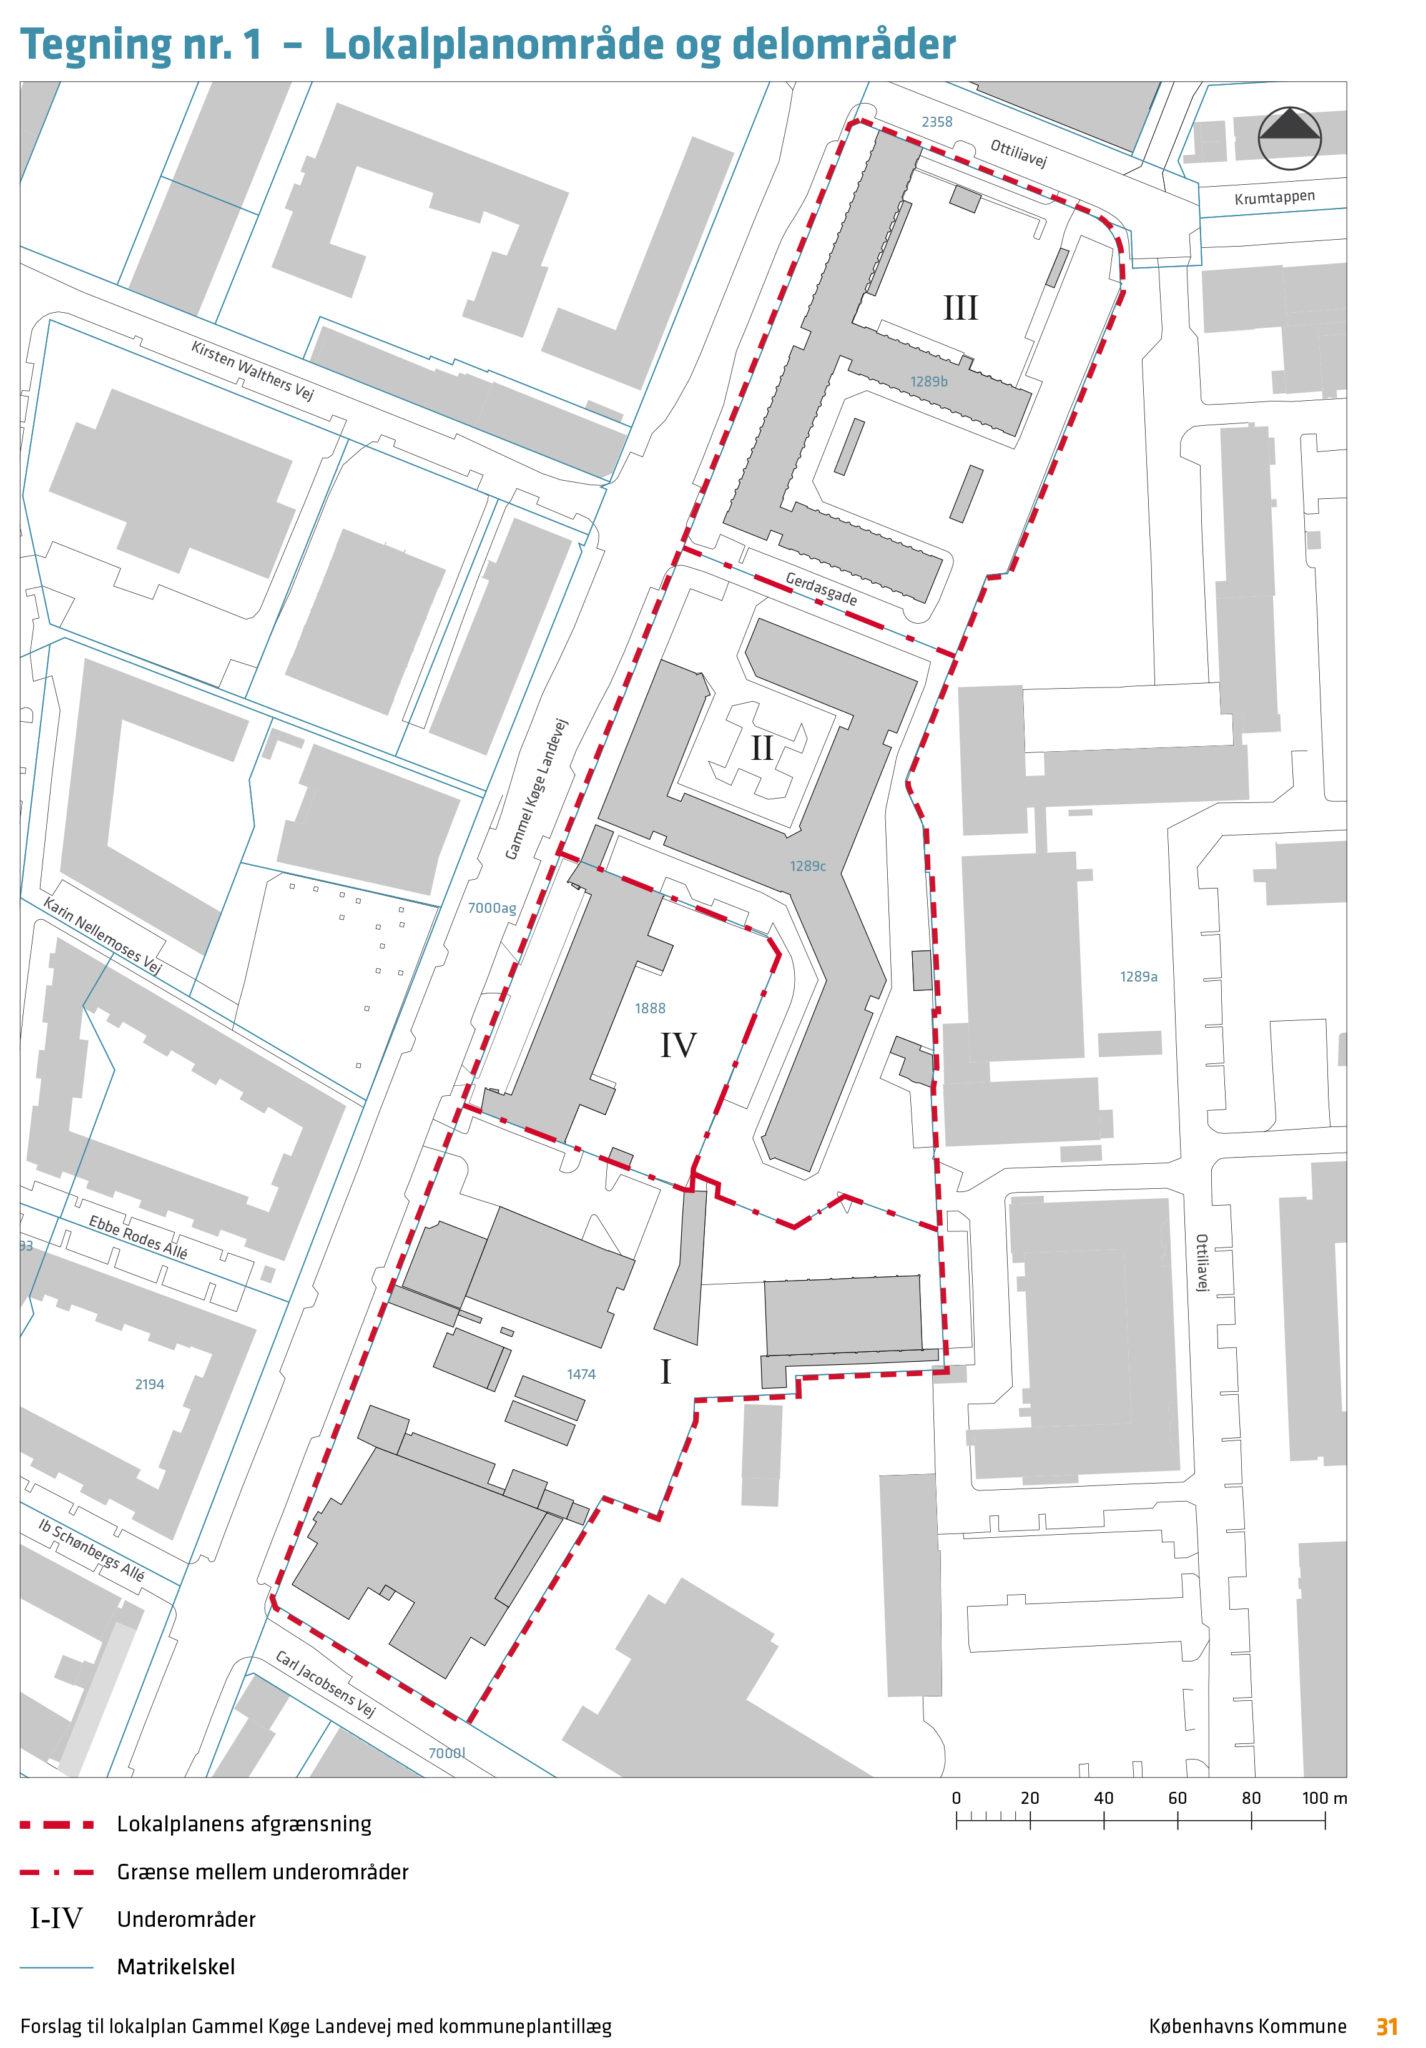 lokalplan gl. køge landevej lokalplanområde og delområder